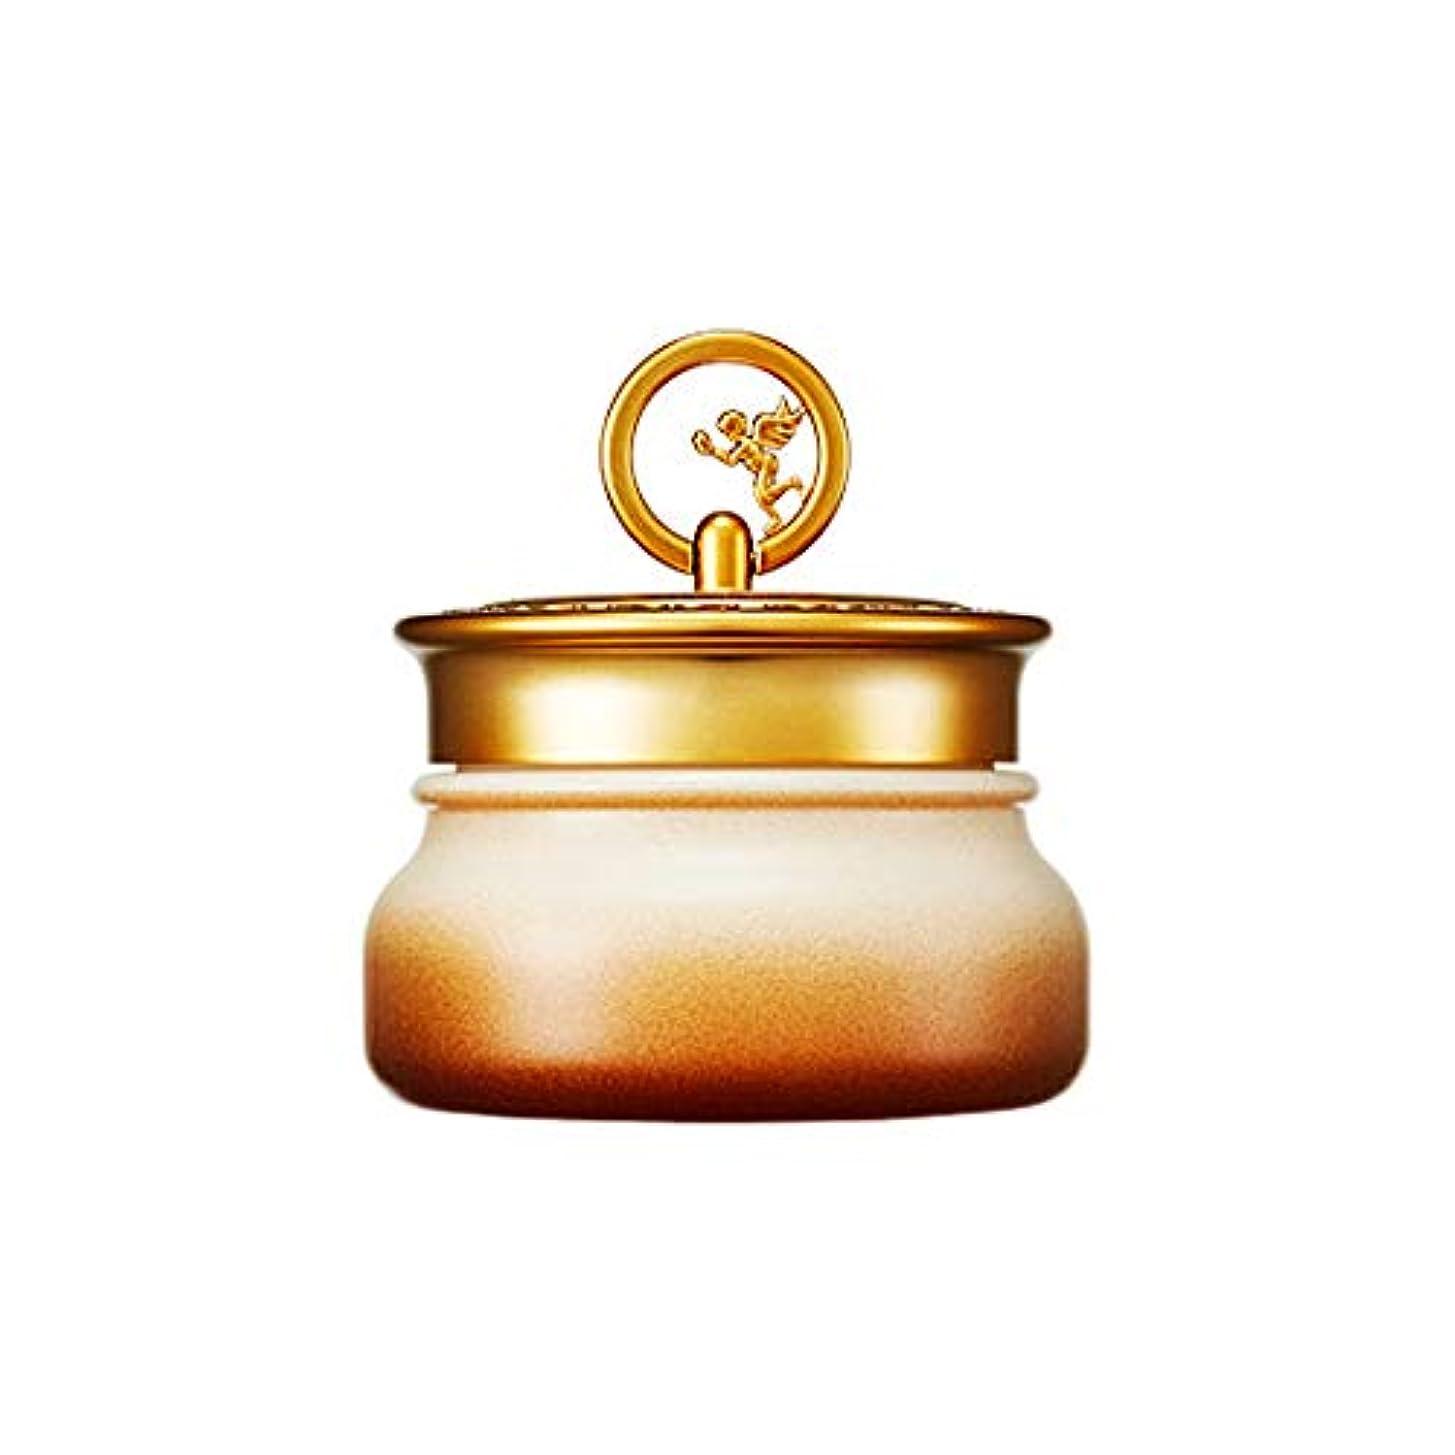 醜い涙北東Skinfood ゴールドキャビアクリーム(しわケア) / Gold Caviar Cream (wrinkle care) 45g [並行輸入品]